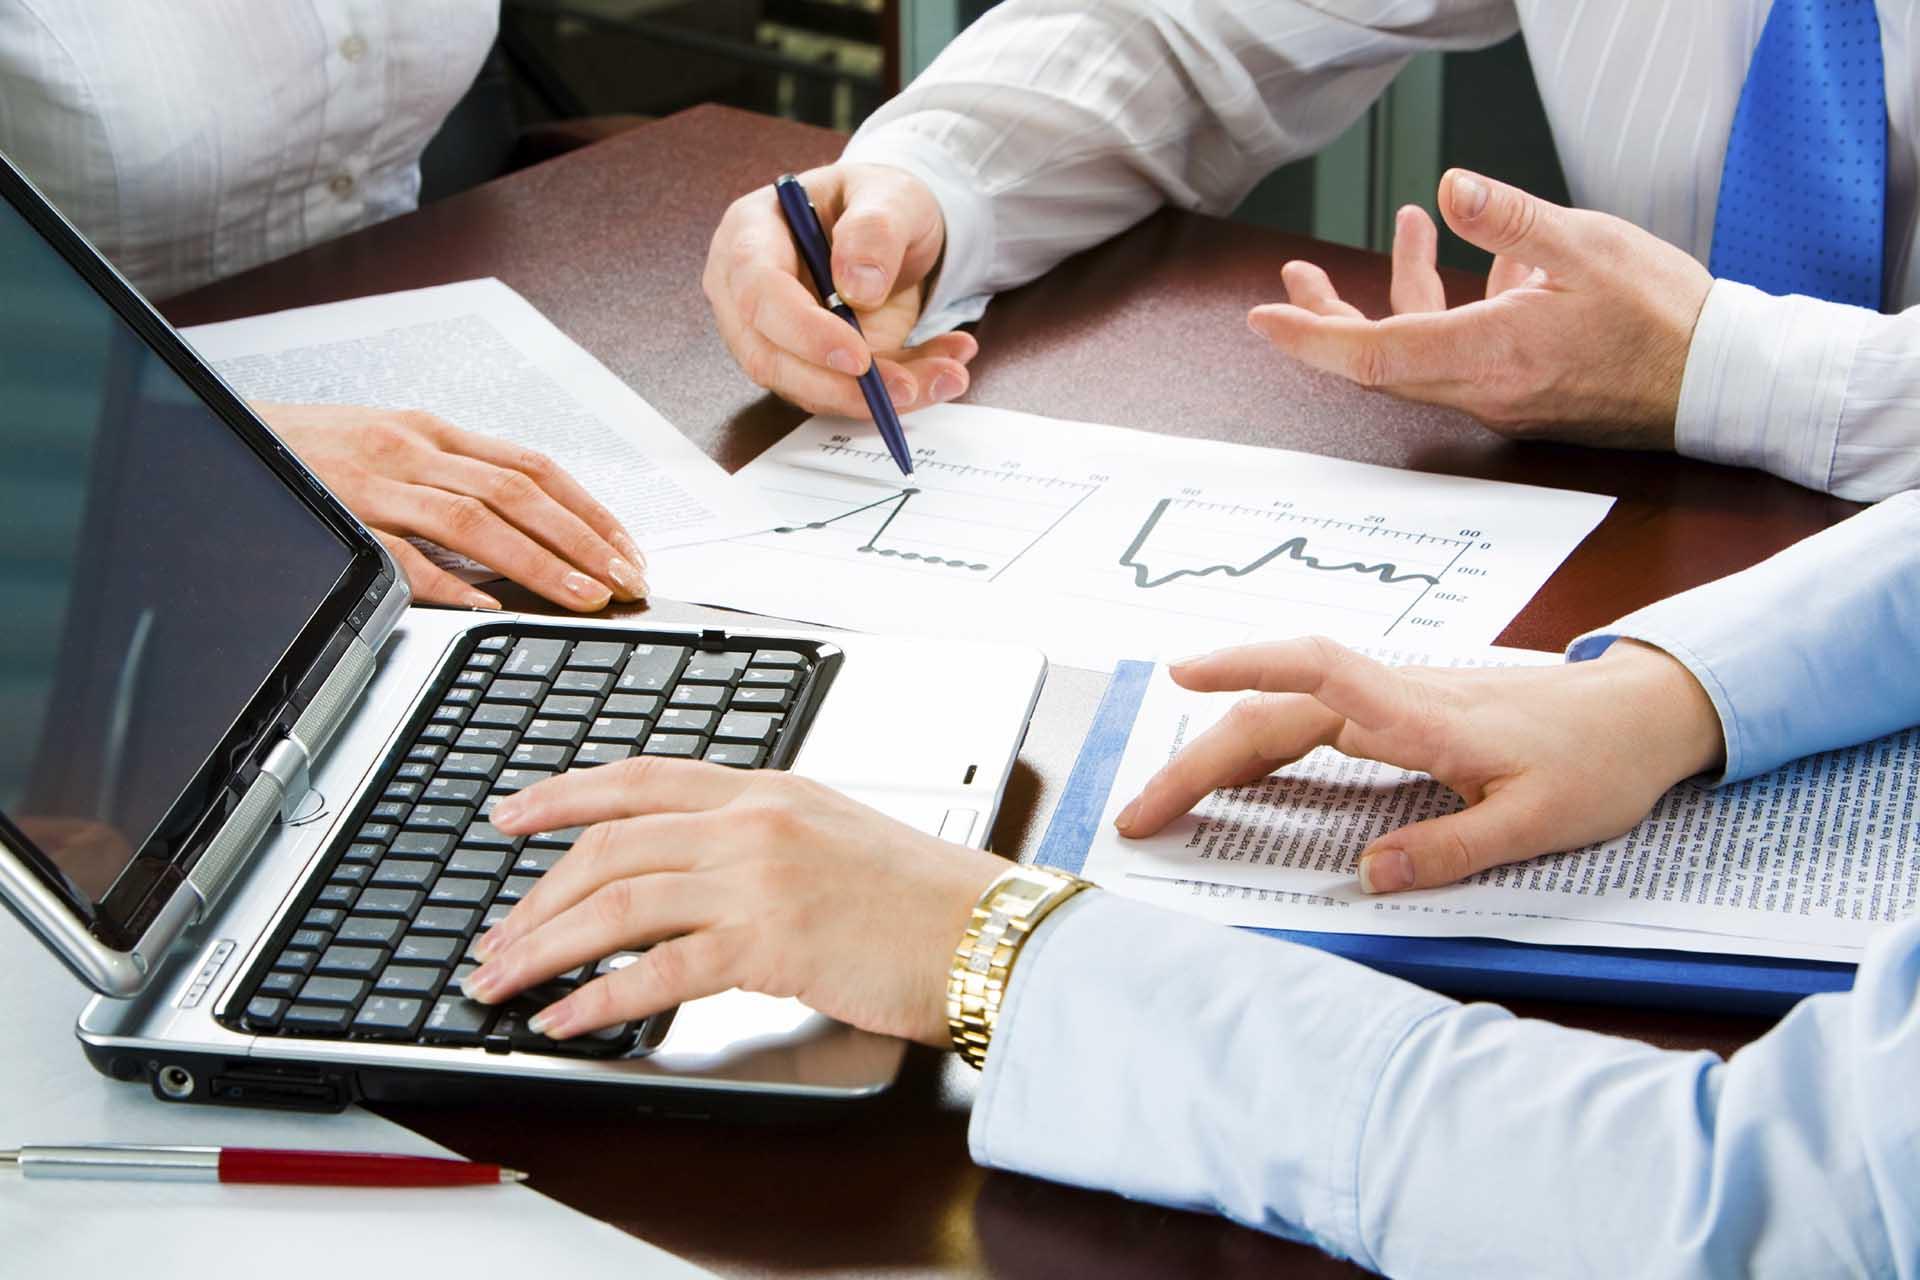 Бесплатный вебинар: Как перейти на удаленную работу. Принципы автоматизации